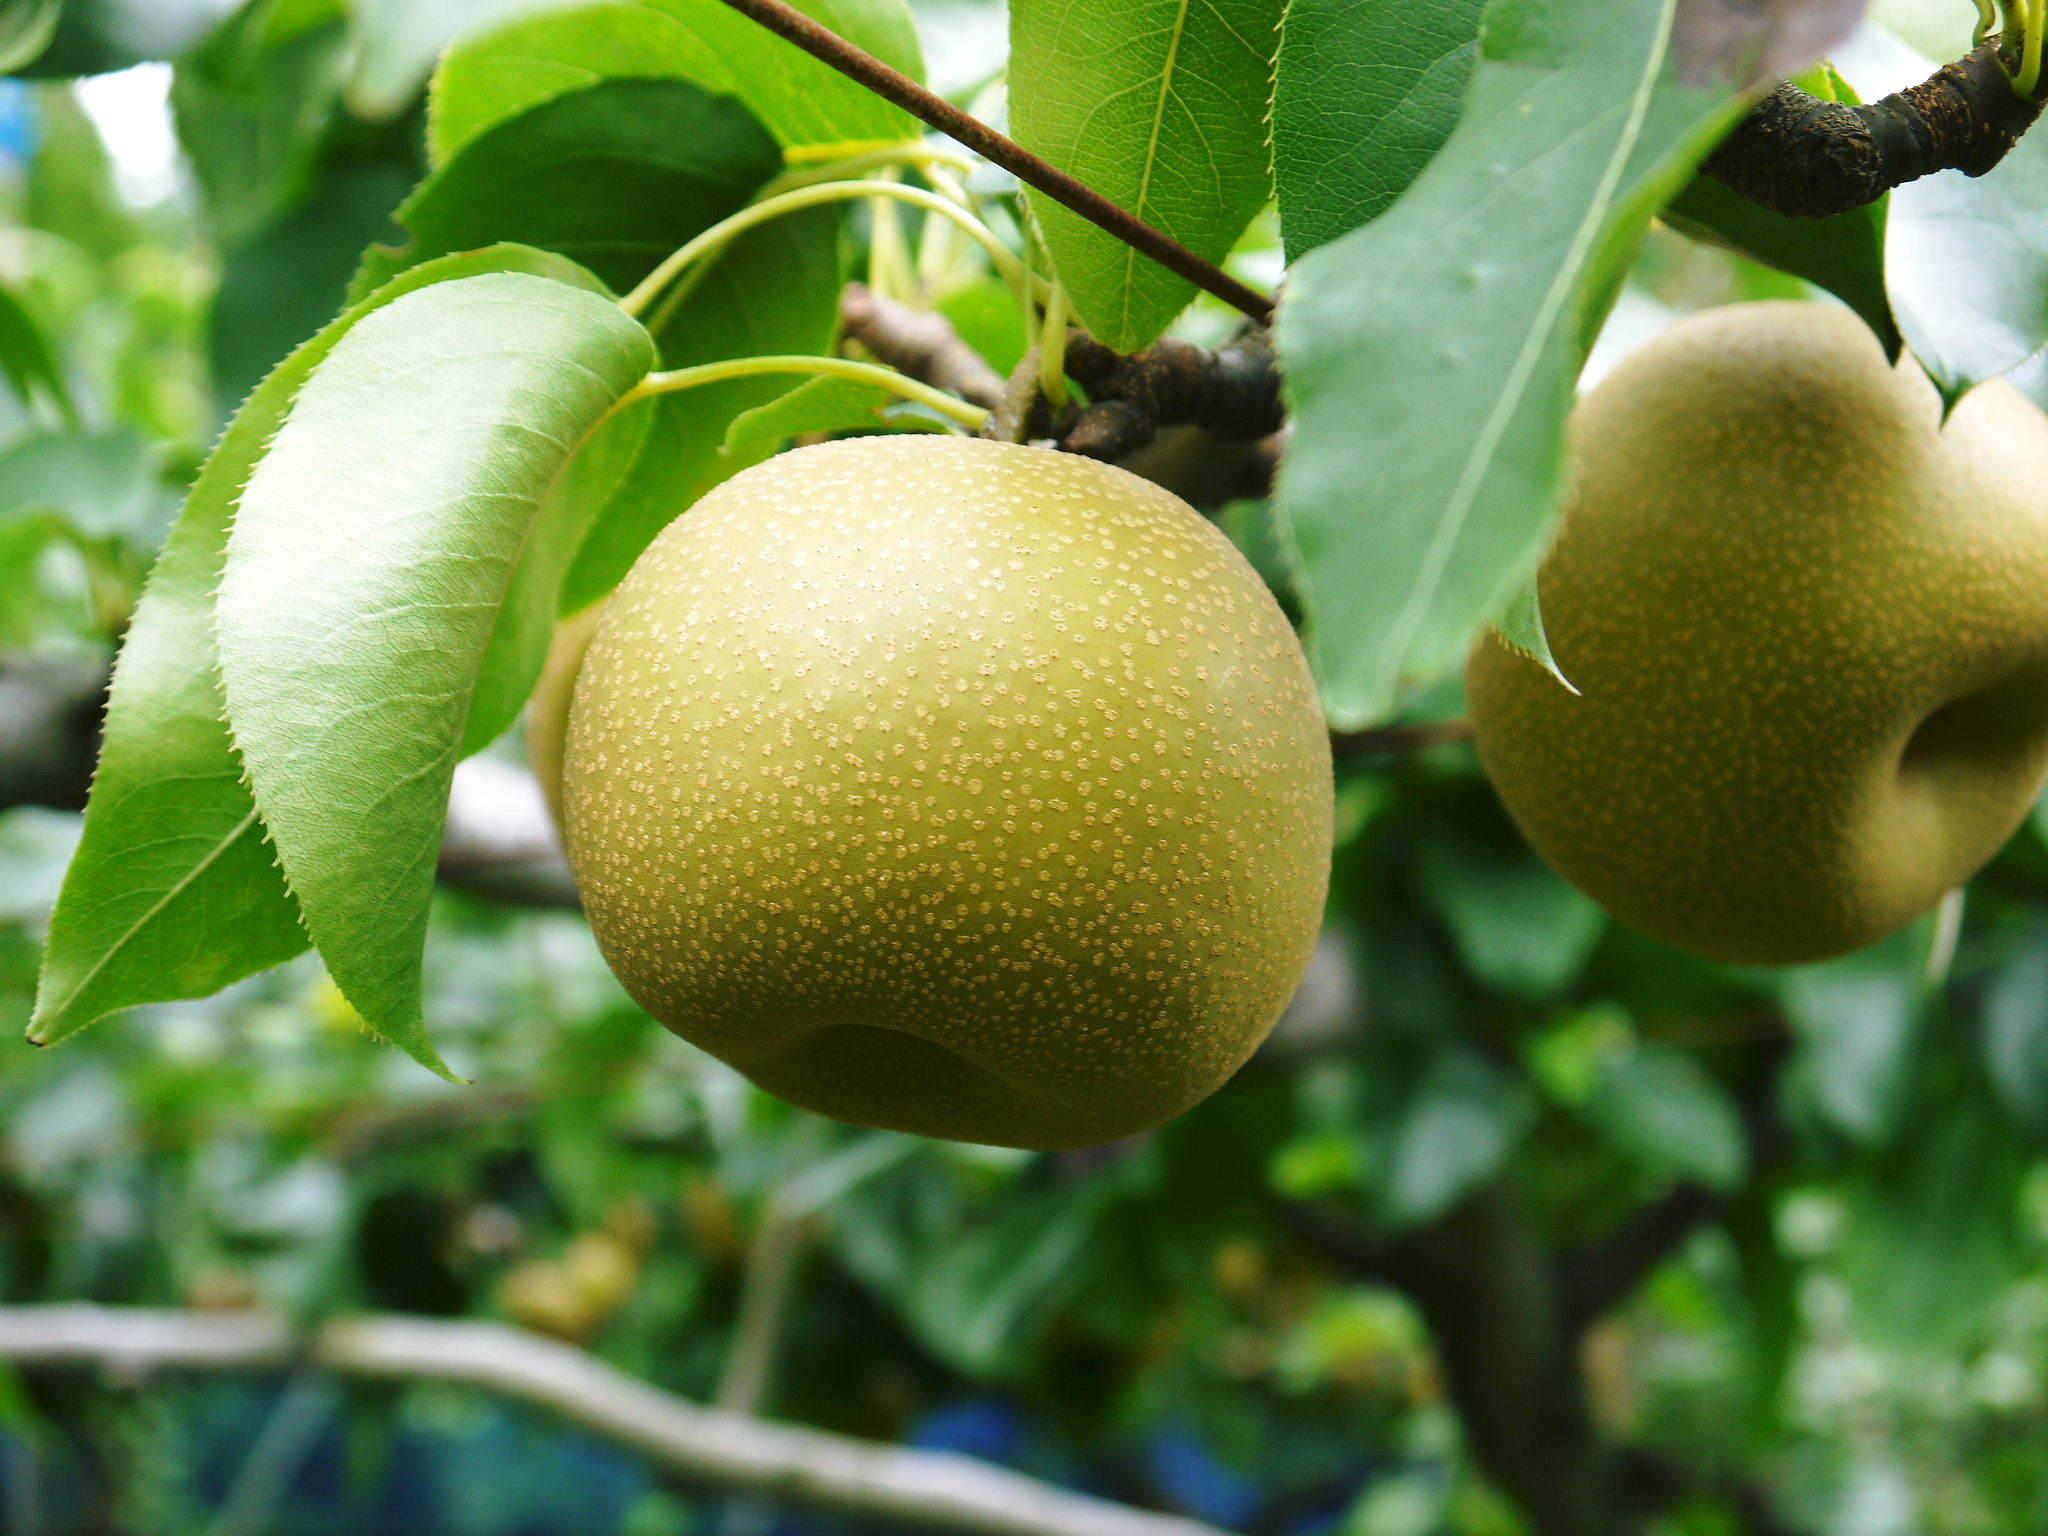 熊本梨「幸水」先行予約受付中!岩永農園さんは今年も無袋栽培&樹上完熟にこだわり出荷します!(後編)_a0254656_16520987.jpg